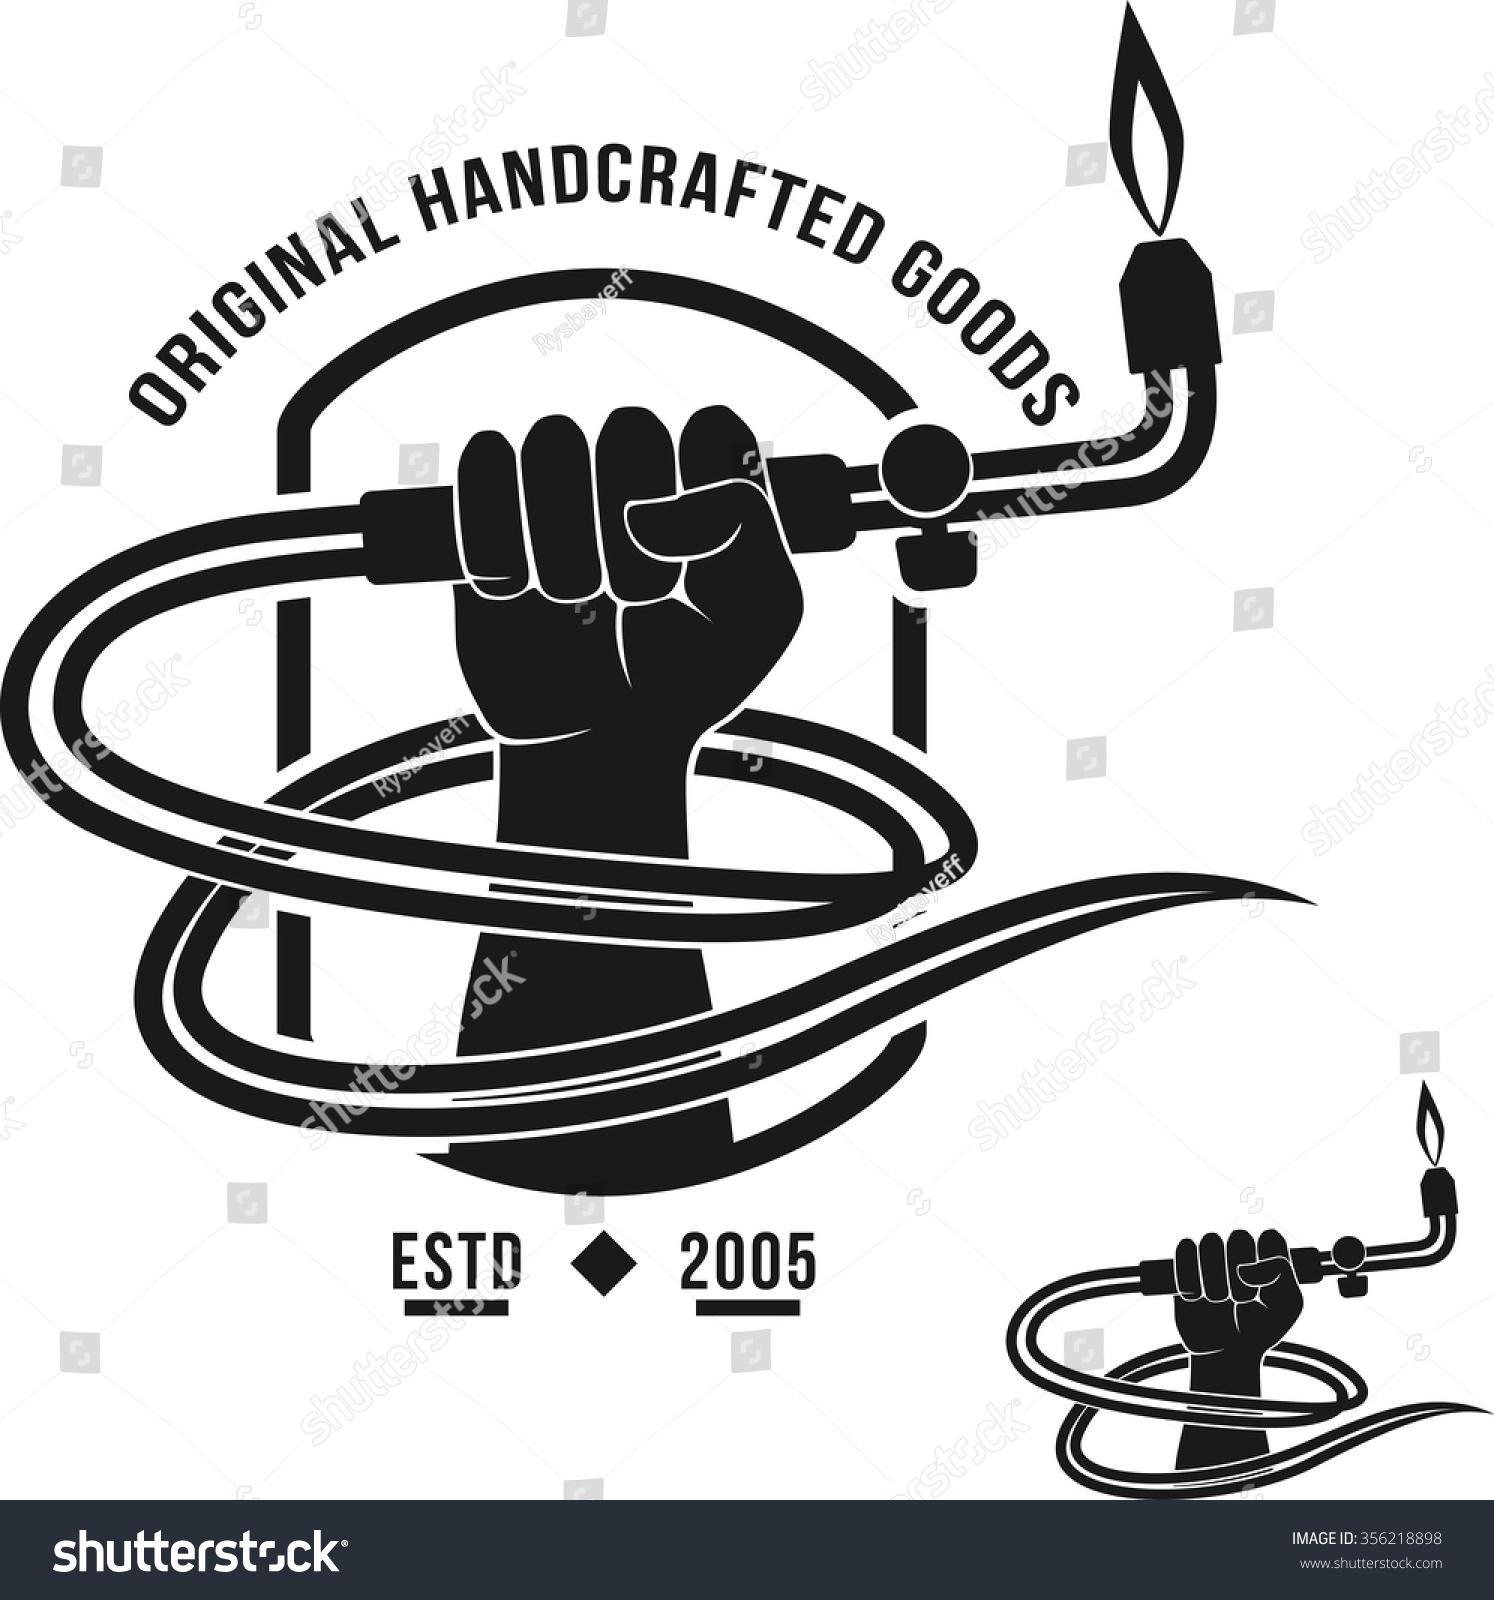 Veltor Logo Handcrafted Goods Welding Torch Stock Vector ...